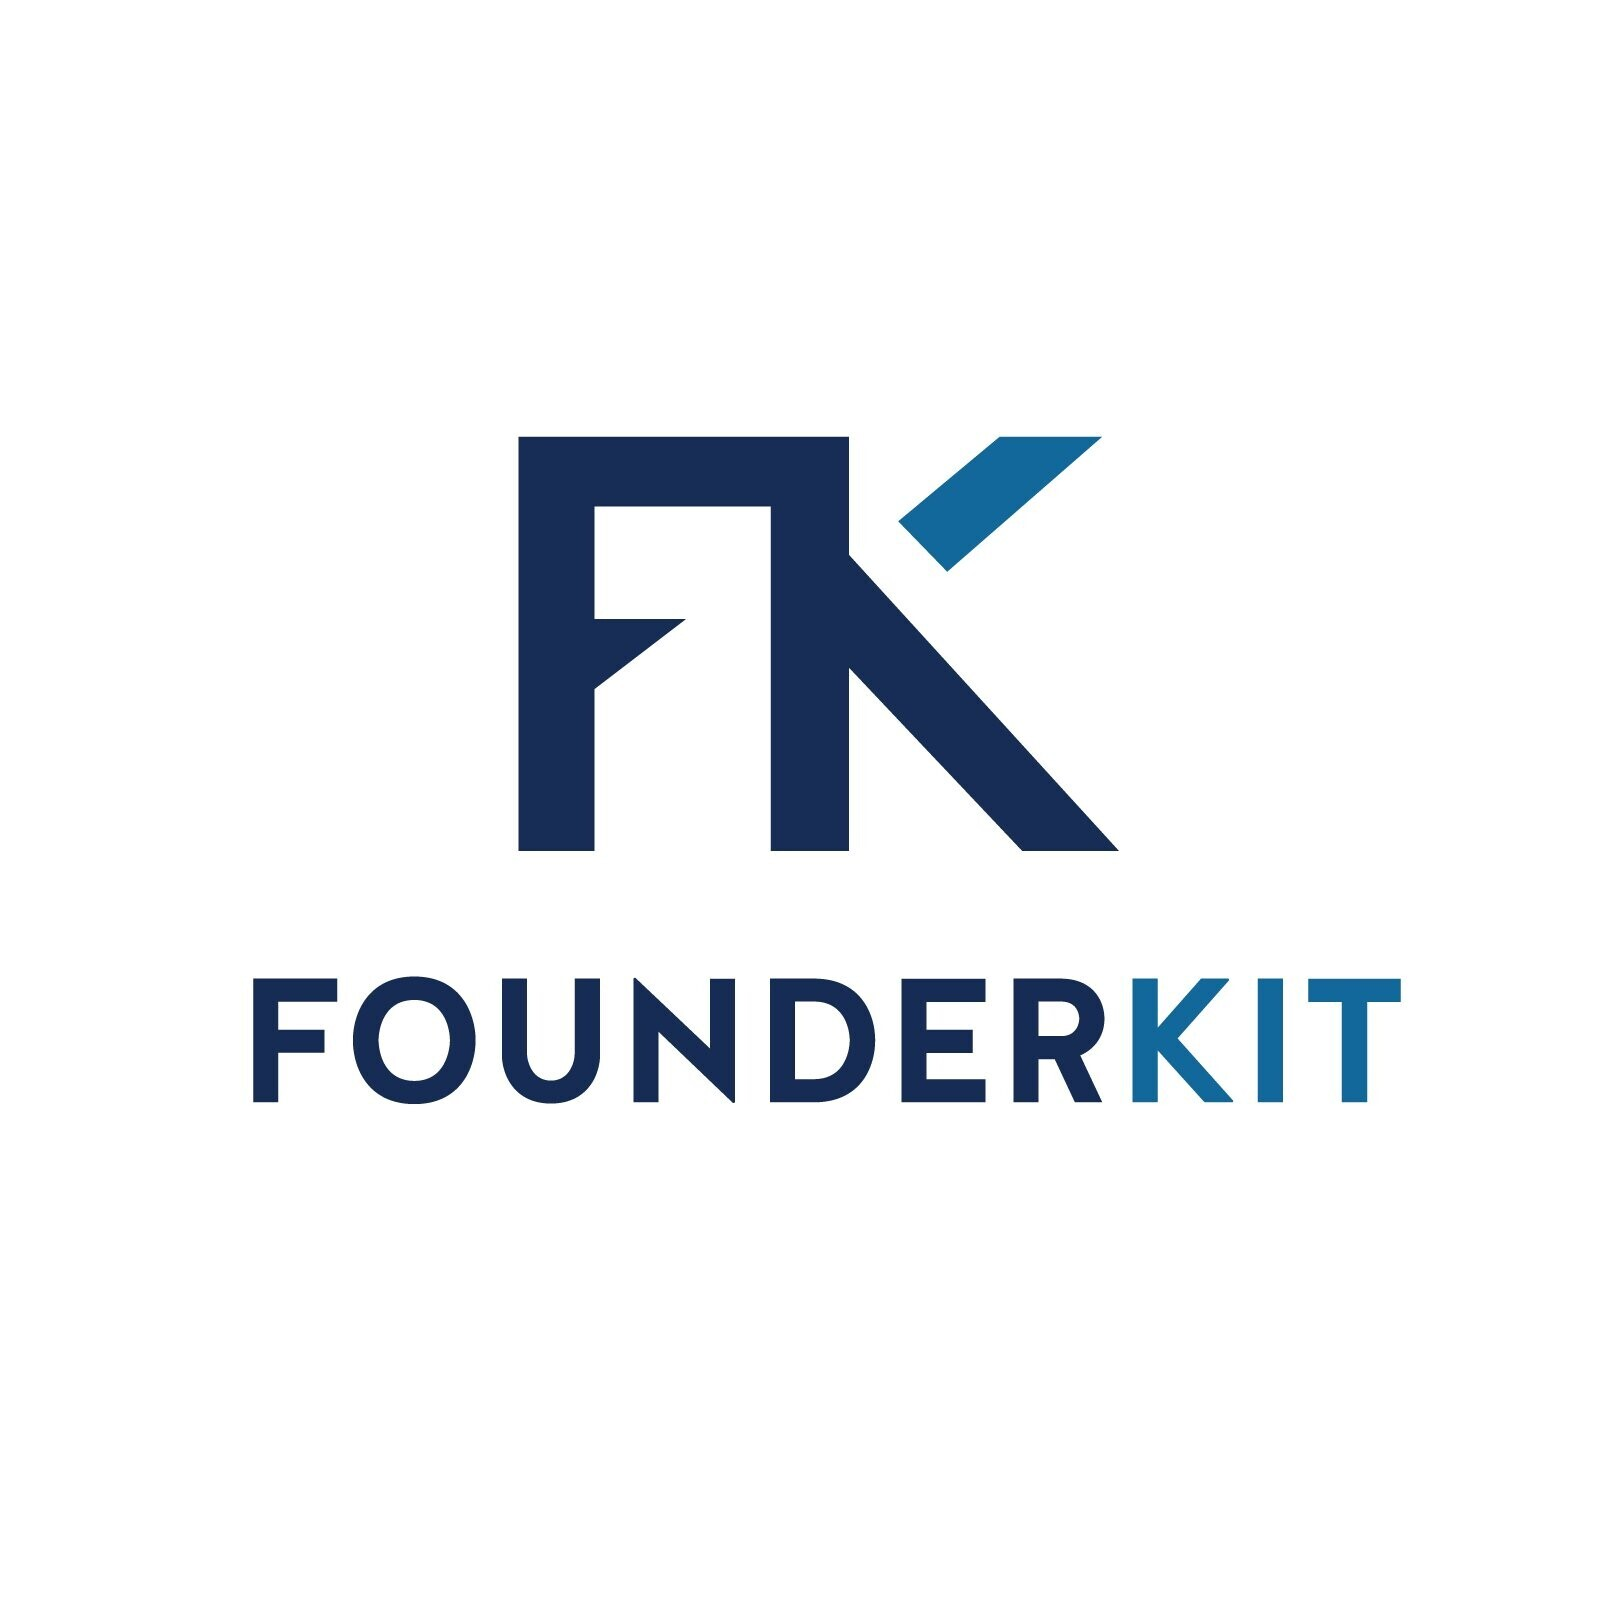 FounderKit